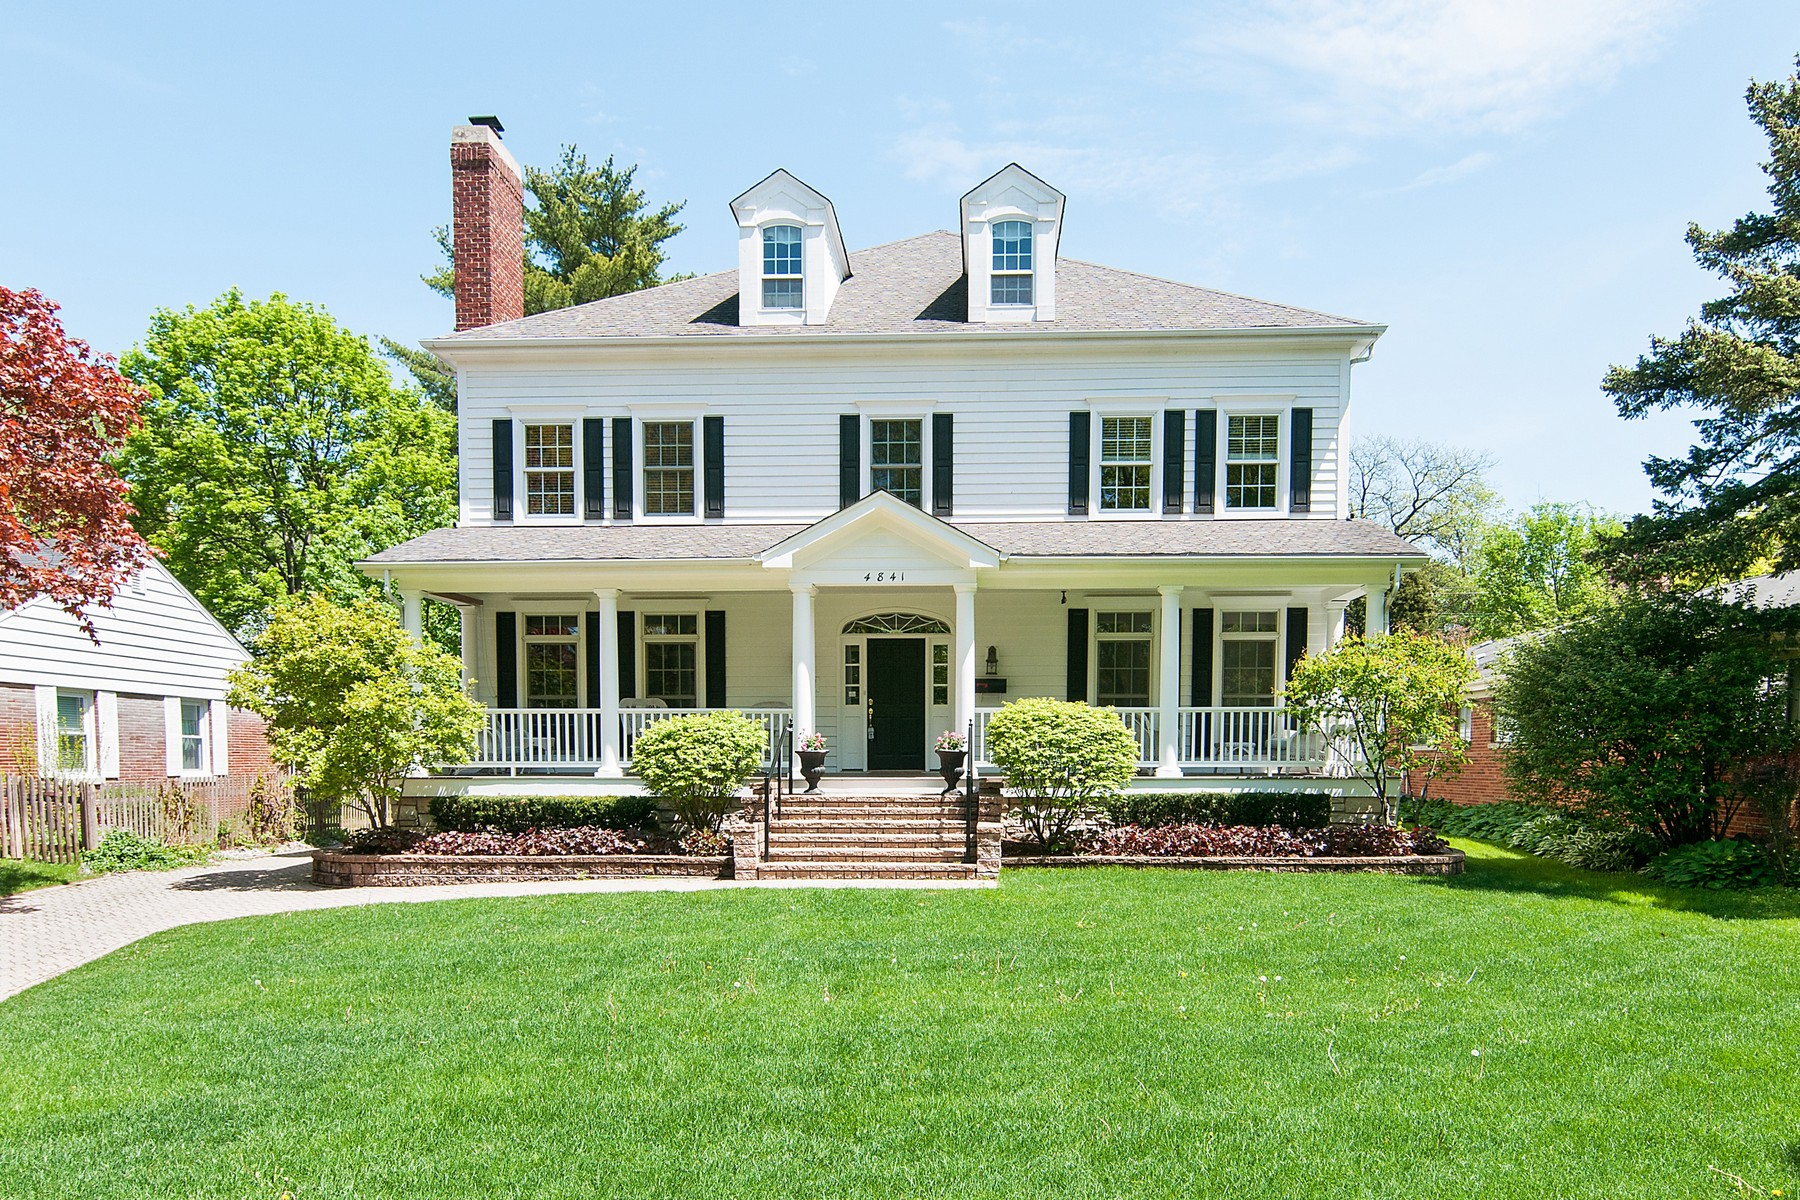 Villa per Vendita alle ore 4841 Woodland Avenue Western Springs, Illinois, 60558 Stati Uniti